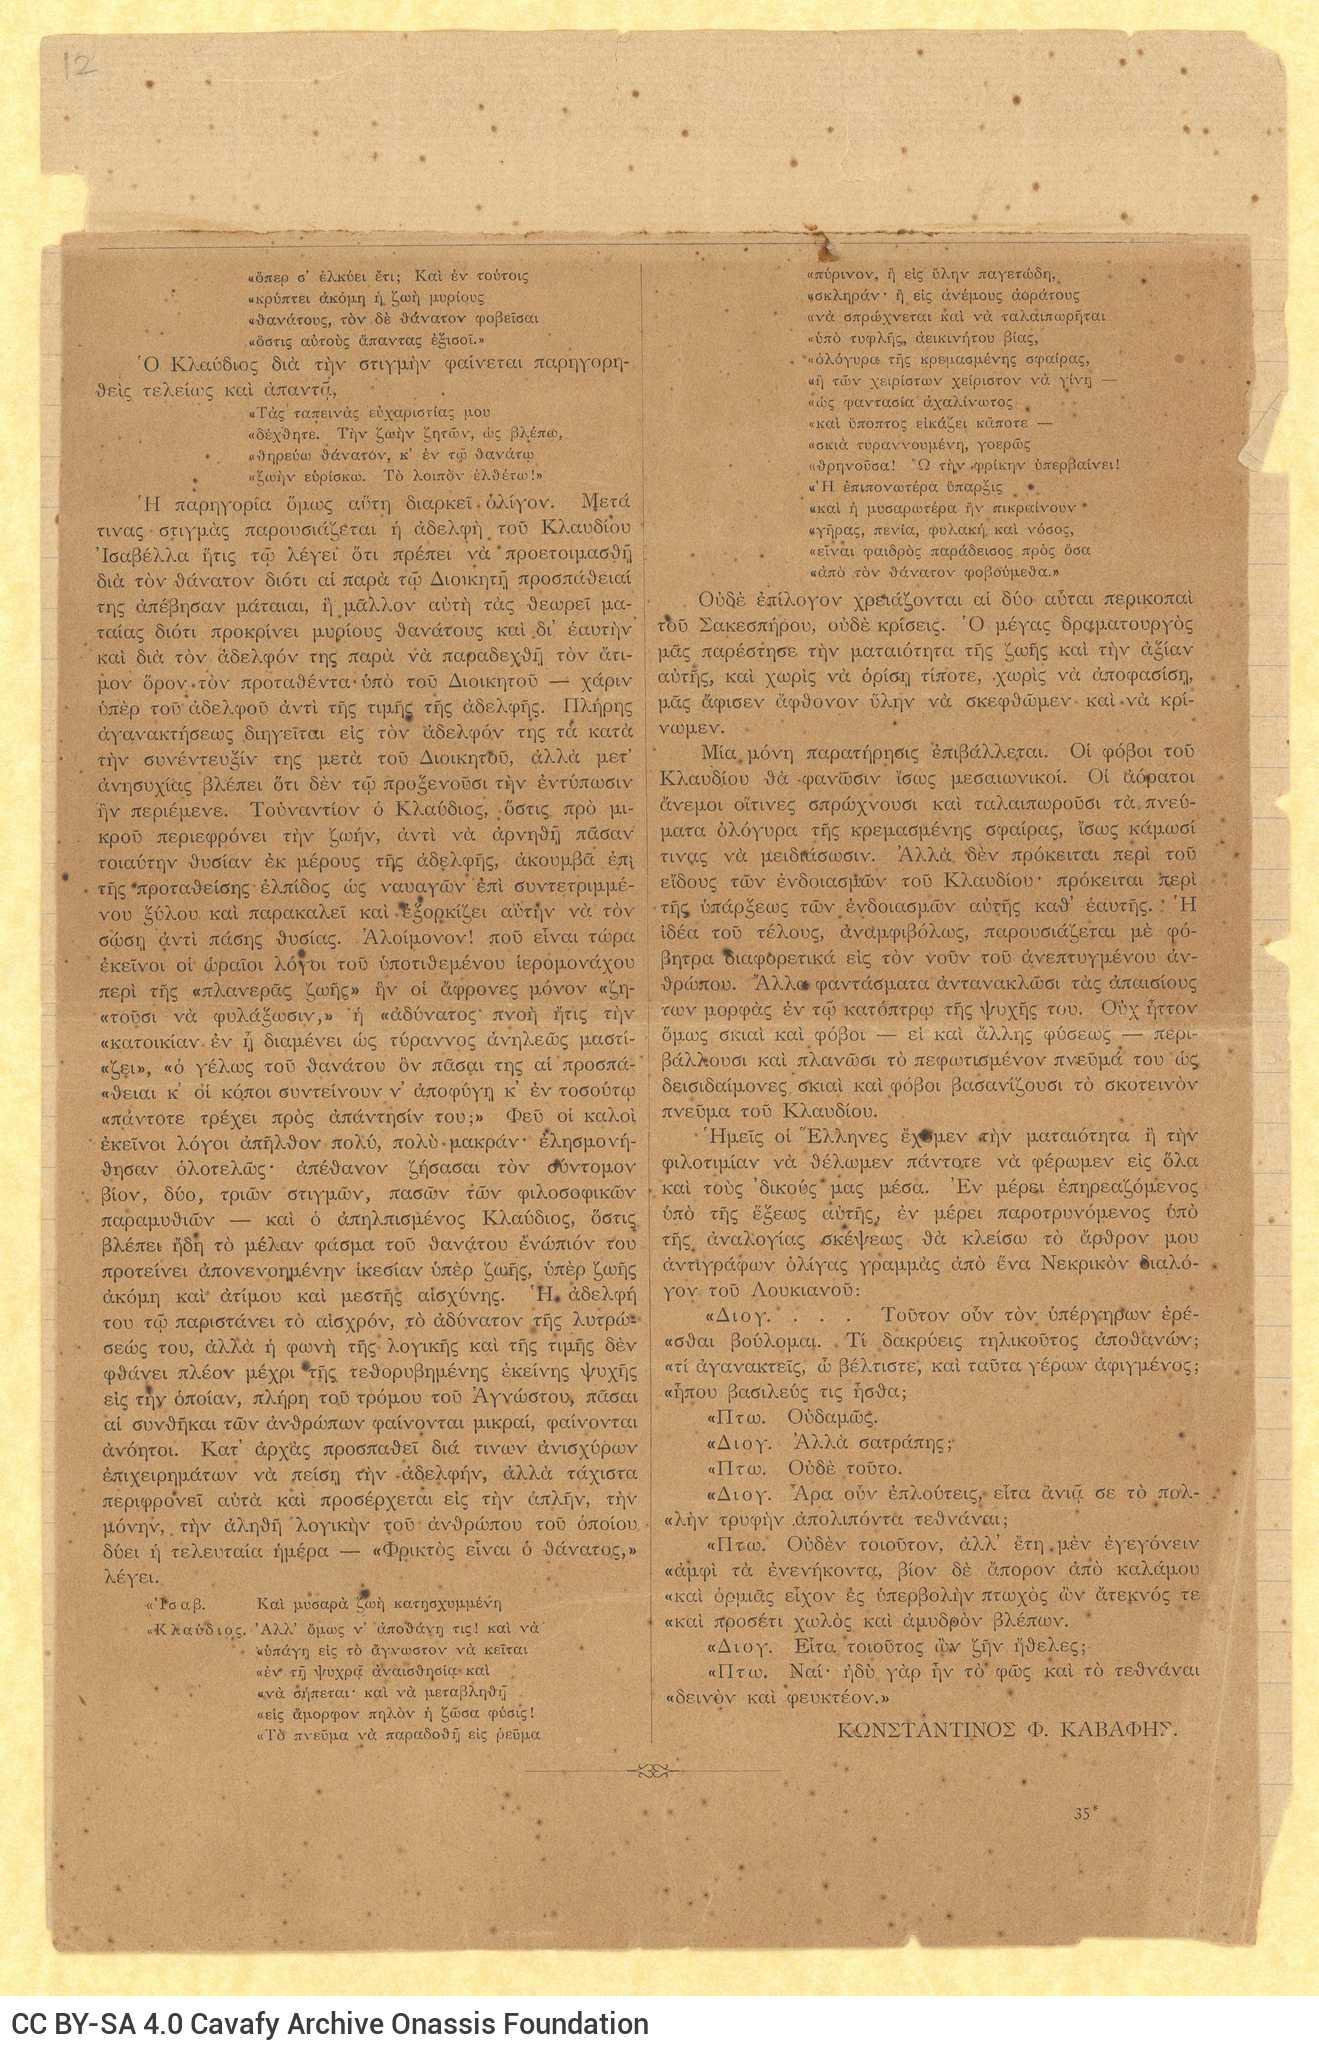 Απόκομμα από την εφημερίδα *Κλειώ* της Λειψίας, με το άρθρο του Καβά